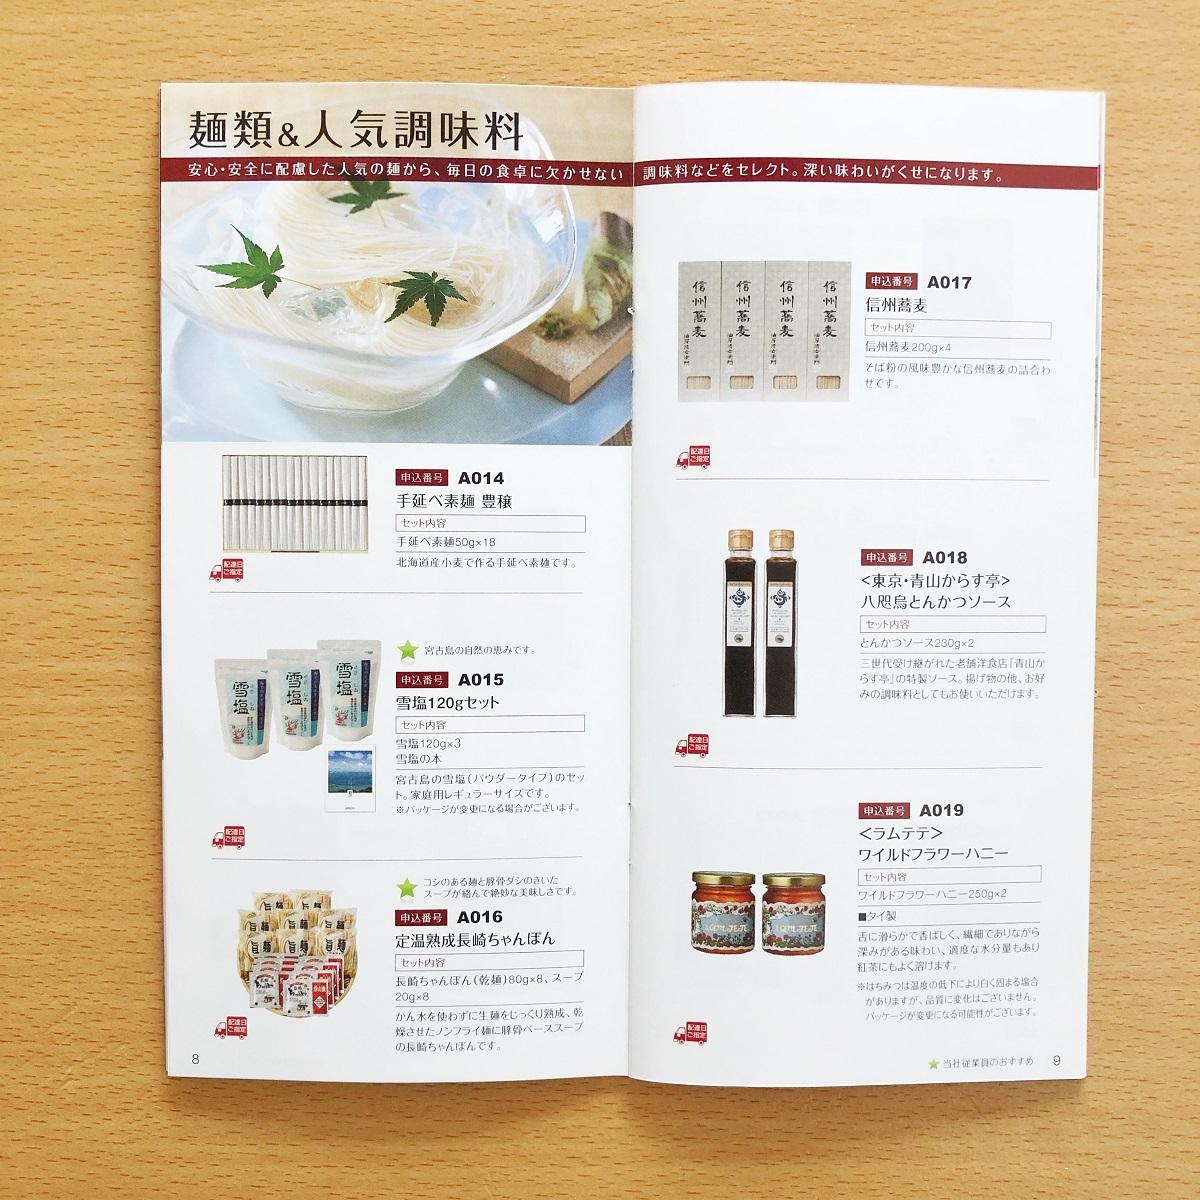 日本管財カタログ④ 株主優待 2019年9月 2,000円